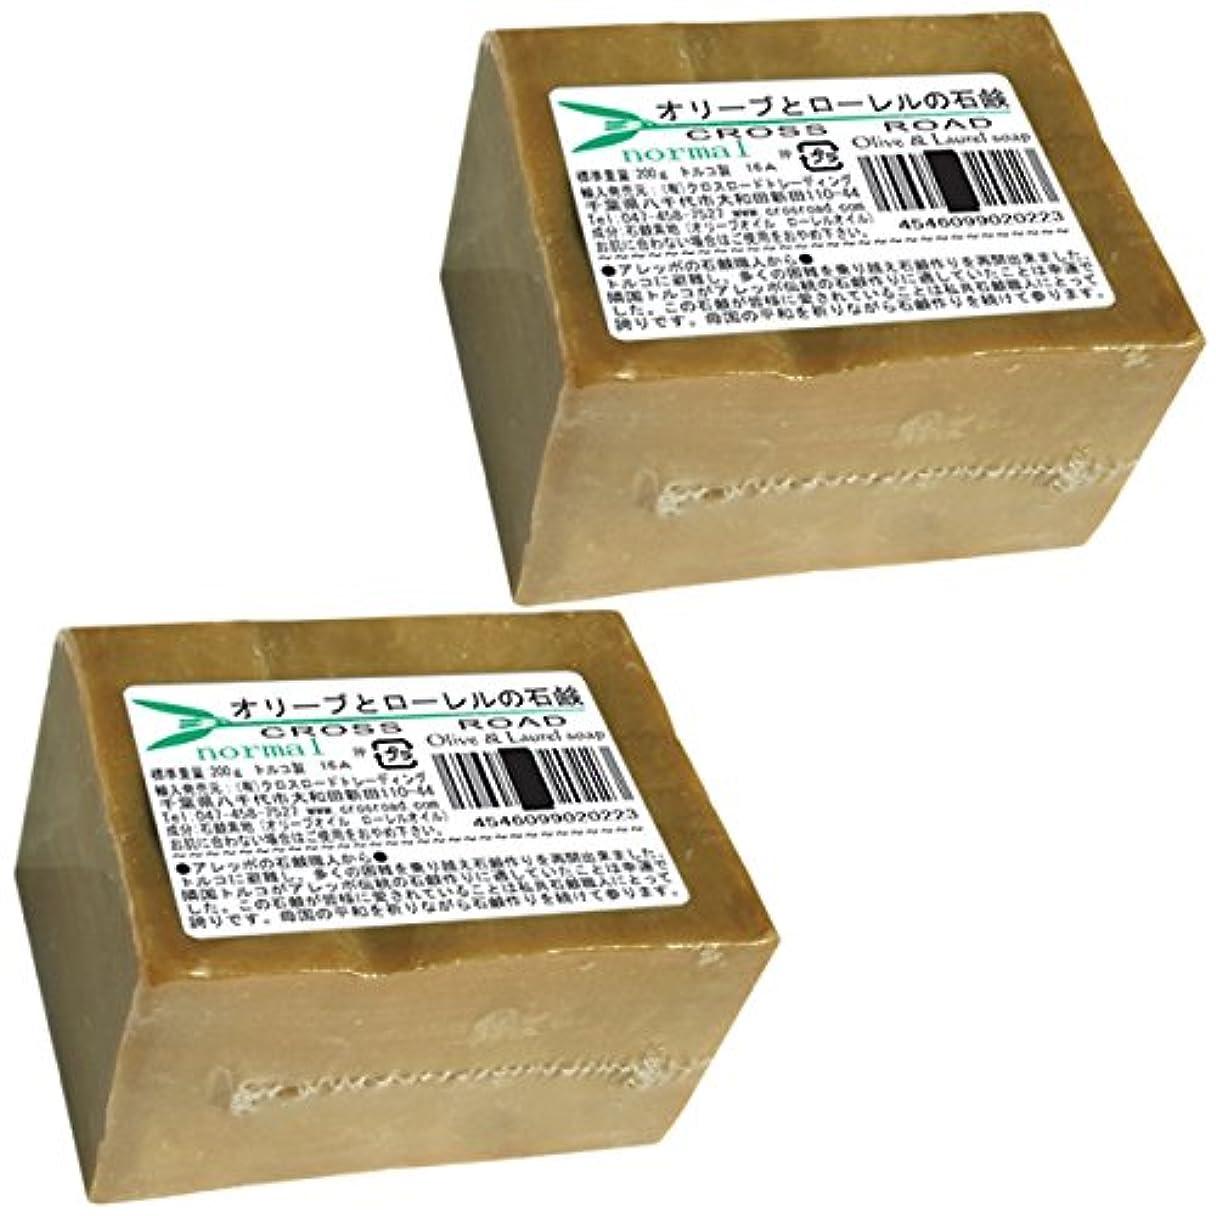 まつげホステス気質オリーブとローレルの石鹸(ノーマル)2個セット [並行輸入品]